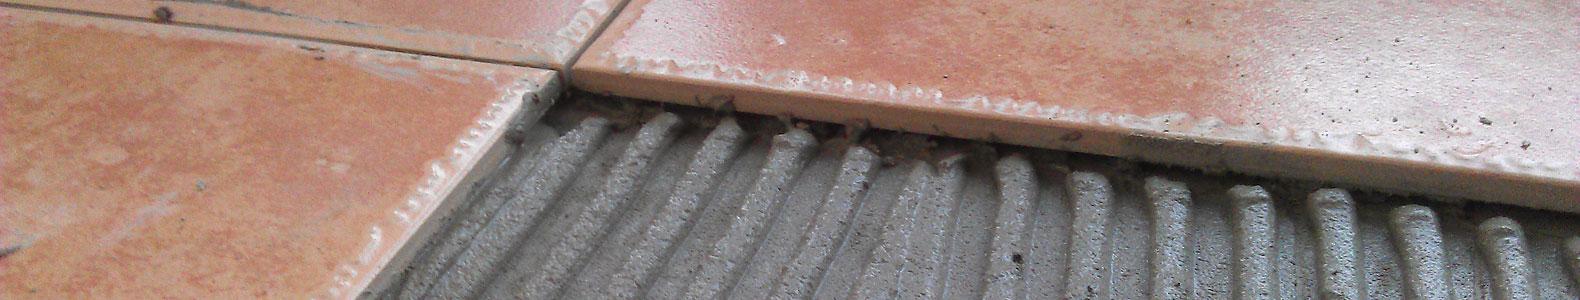 进口淀粉醚/国产淀粉醚用于瓷砖粘贴-四川ballbet体育科技